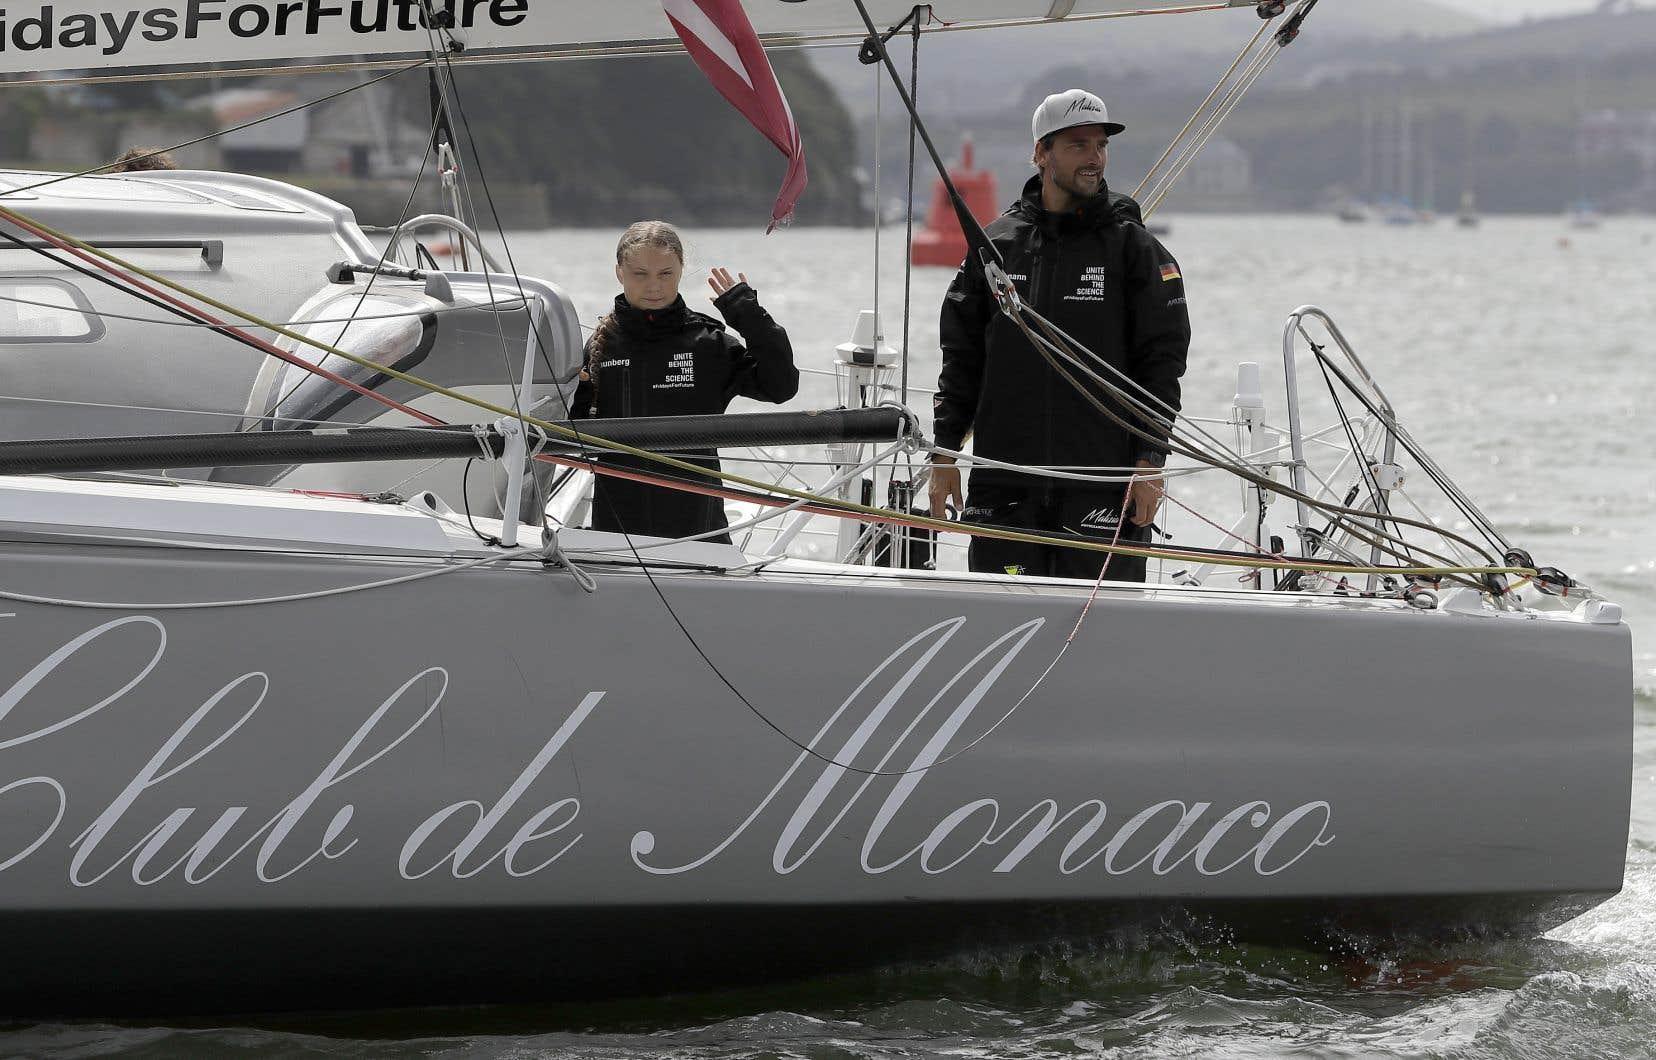 Greta Thunberg est partie de Plymouth, en Angleterre, le 14 août dernier à bord du voilier <em>Malizia II</em>.